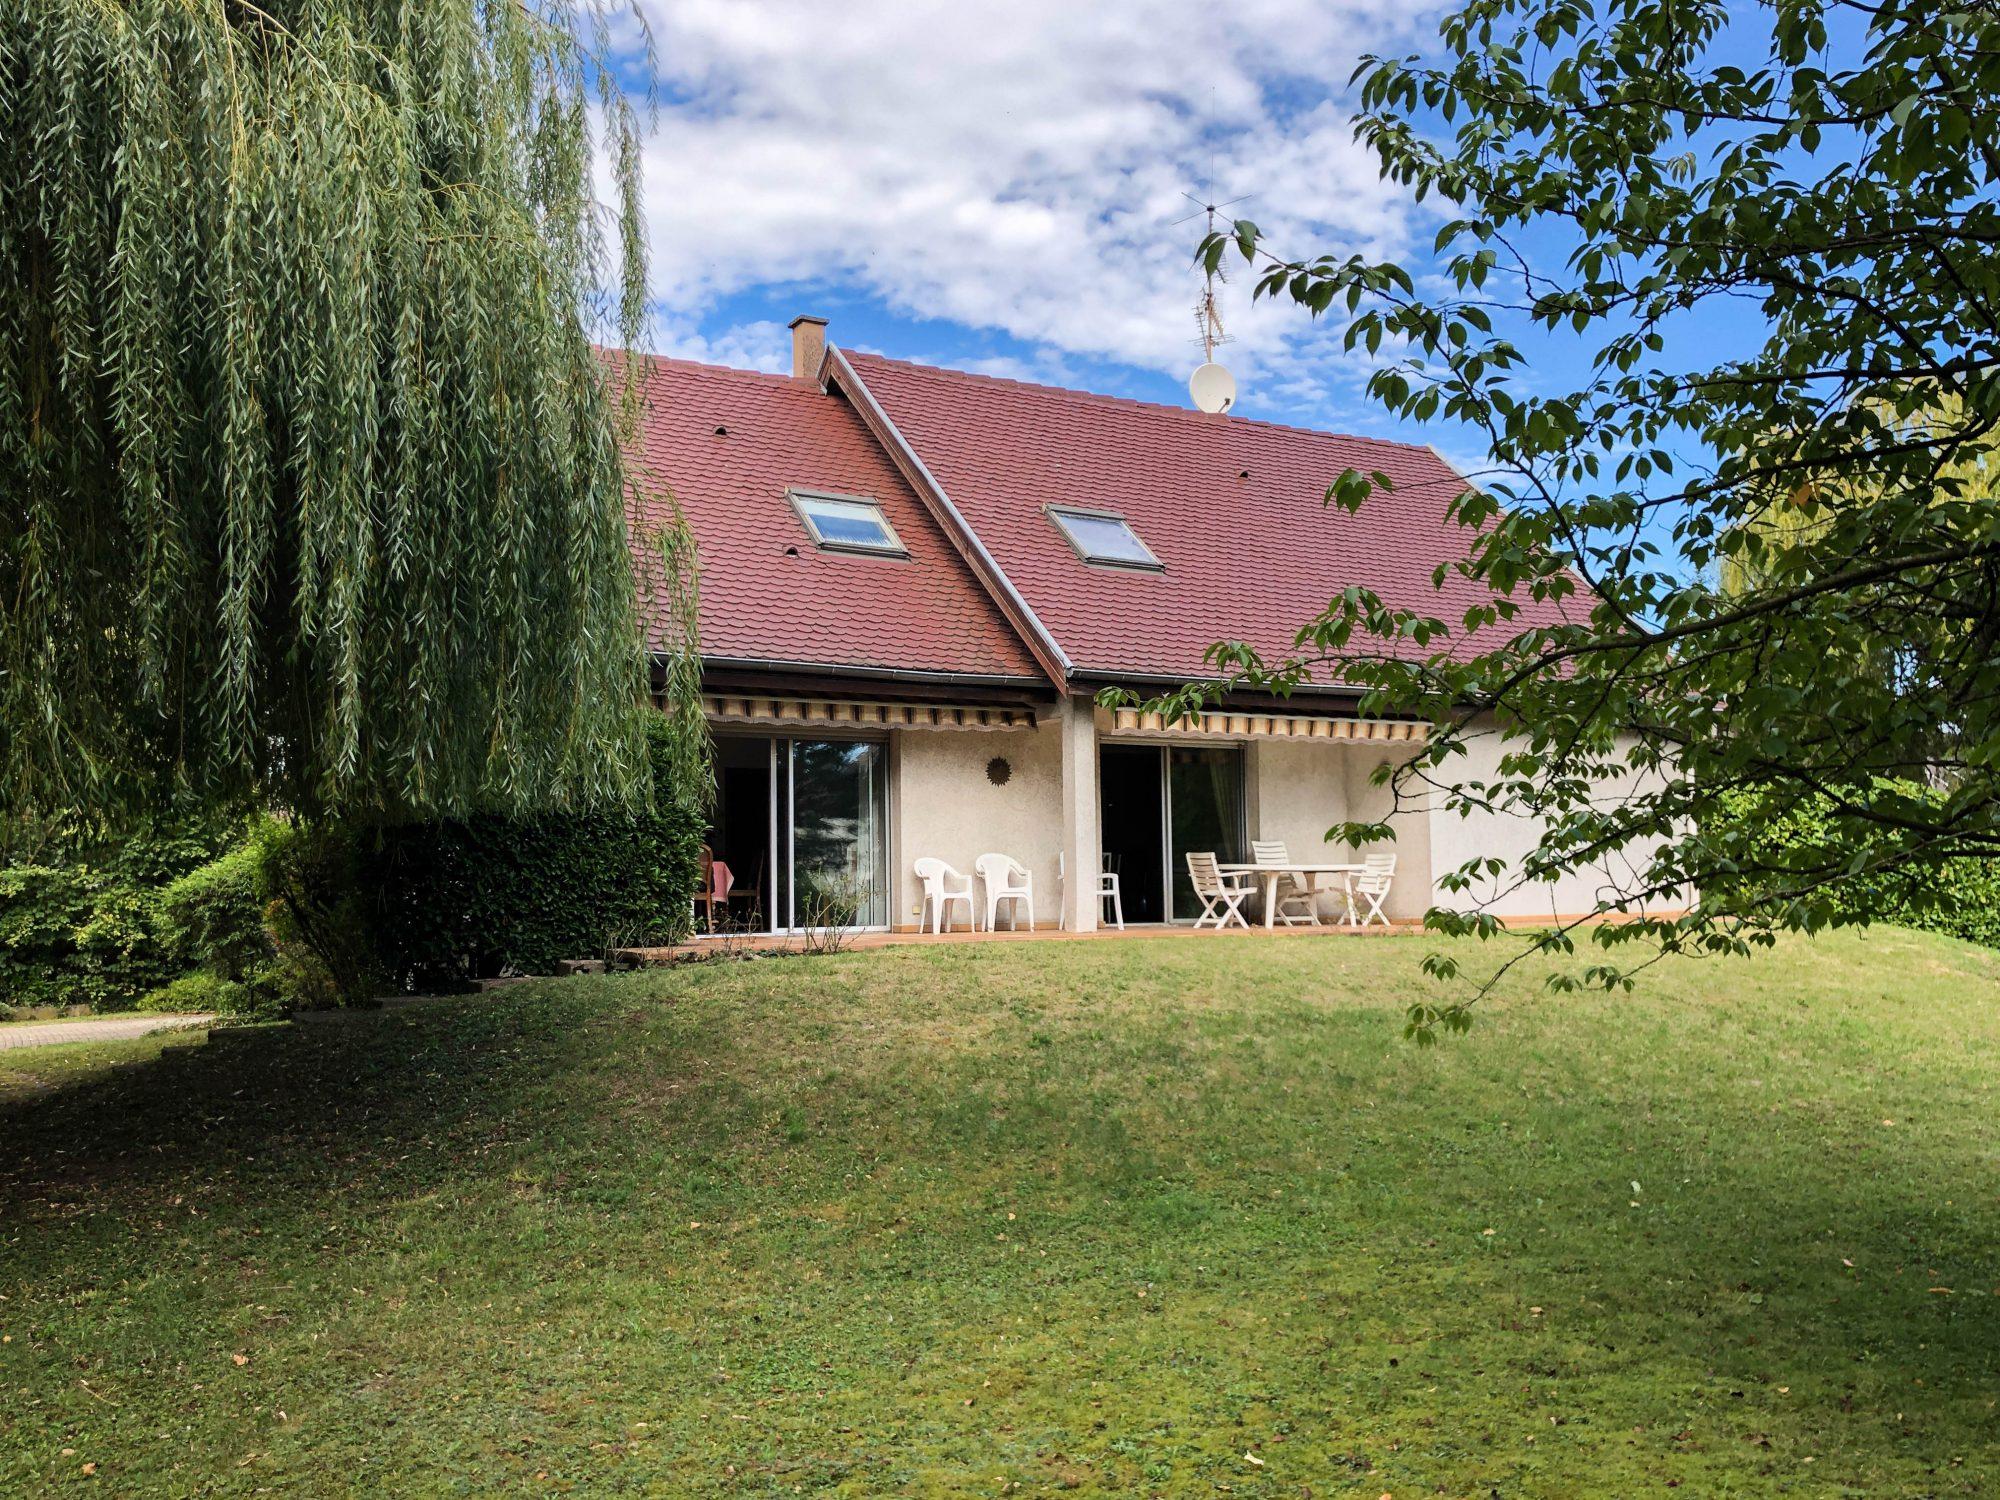 Maison individuelle 8 pièces de 250m2 à Illkirch-Graffenstaden - Devenez propriétaire en toute confiance - Bintz Immobilier - 1